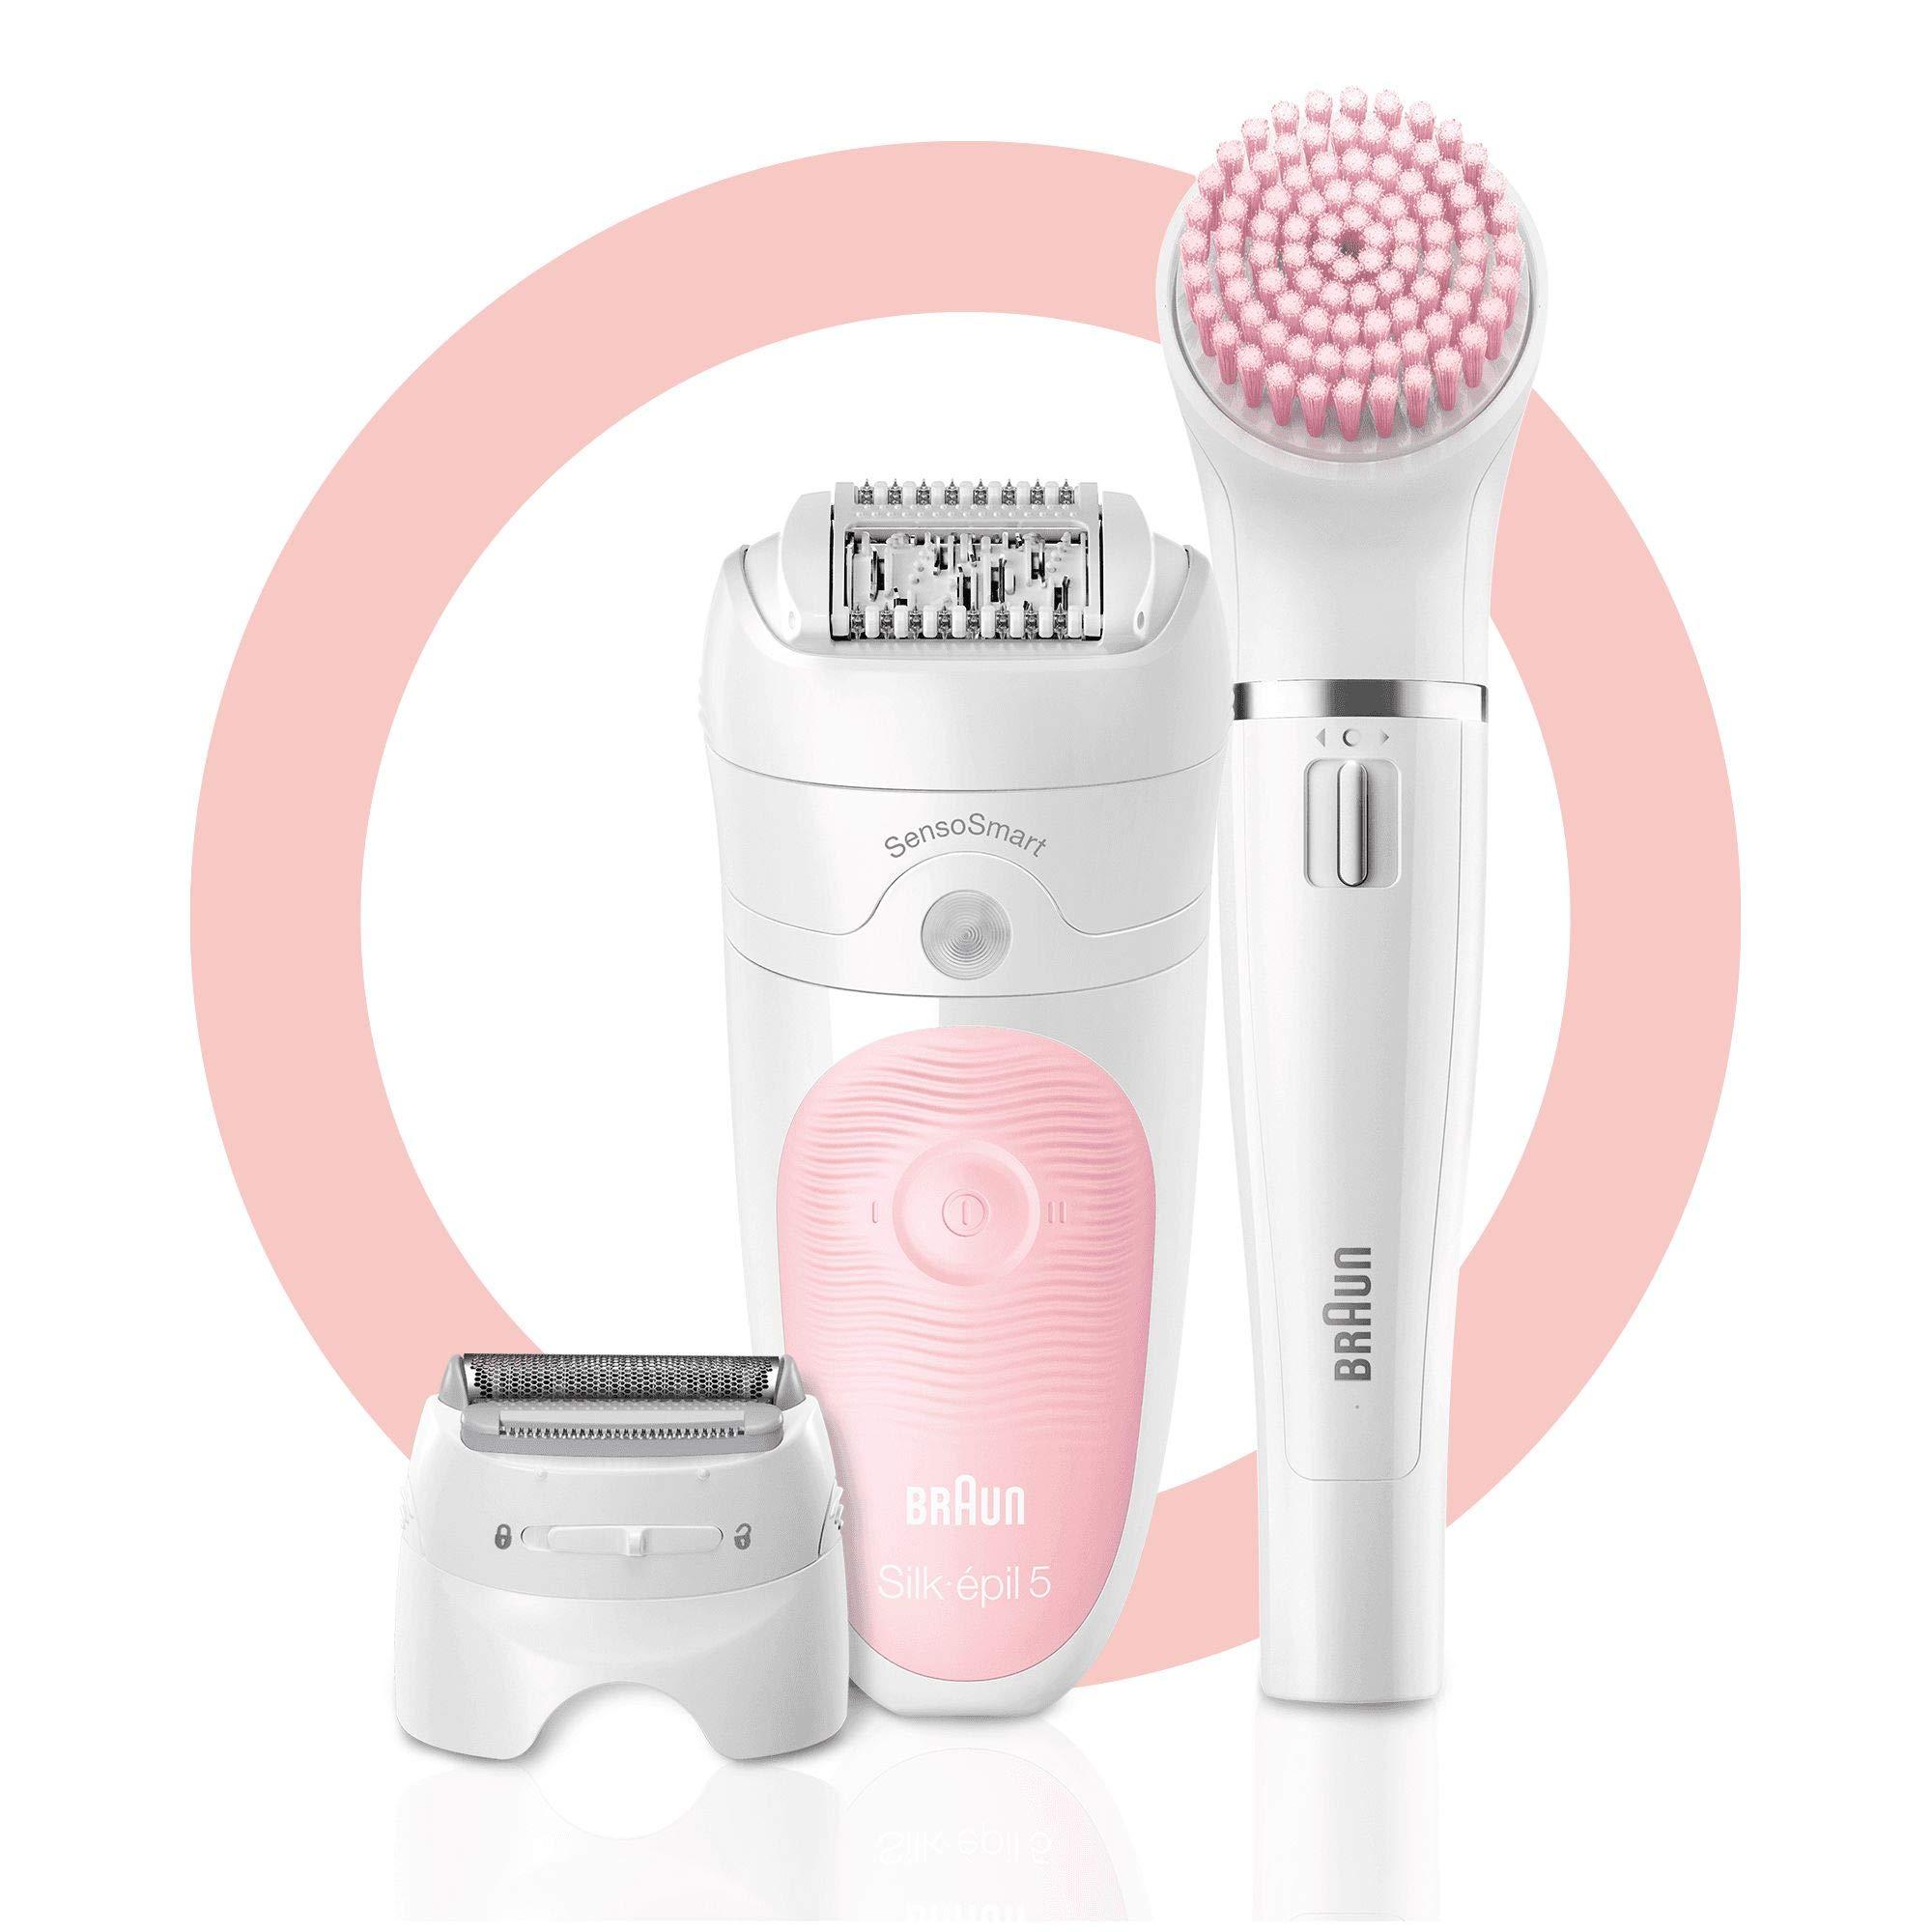 Braun Silk-epil Beauty-Starter-Set 5-895, 6-in-1 Kabellose Wet&Dry Haarentfernung, Epilierer, Rasierer, Reinigung und Peeling für Gesicht und Körper, weiß/flamingo